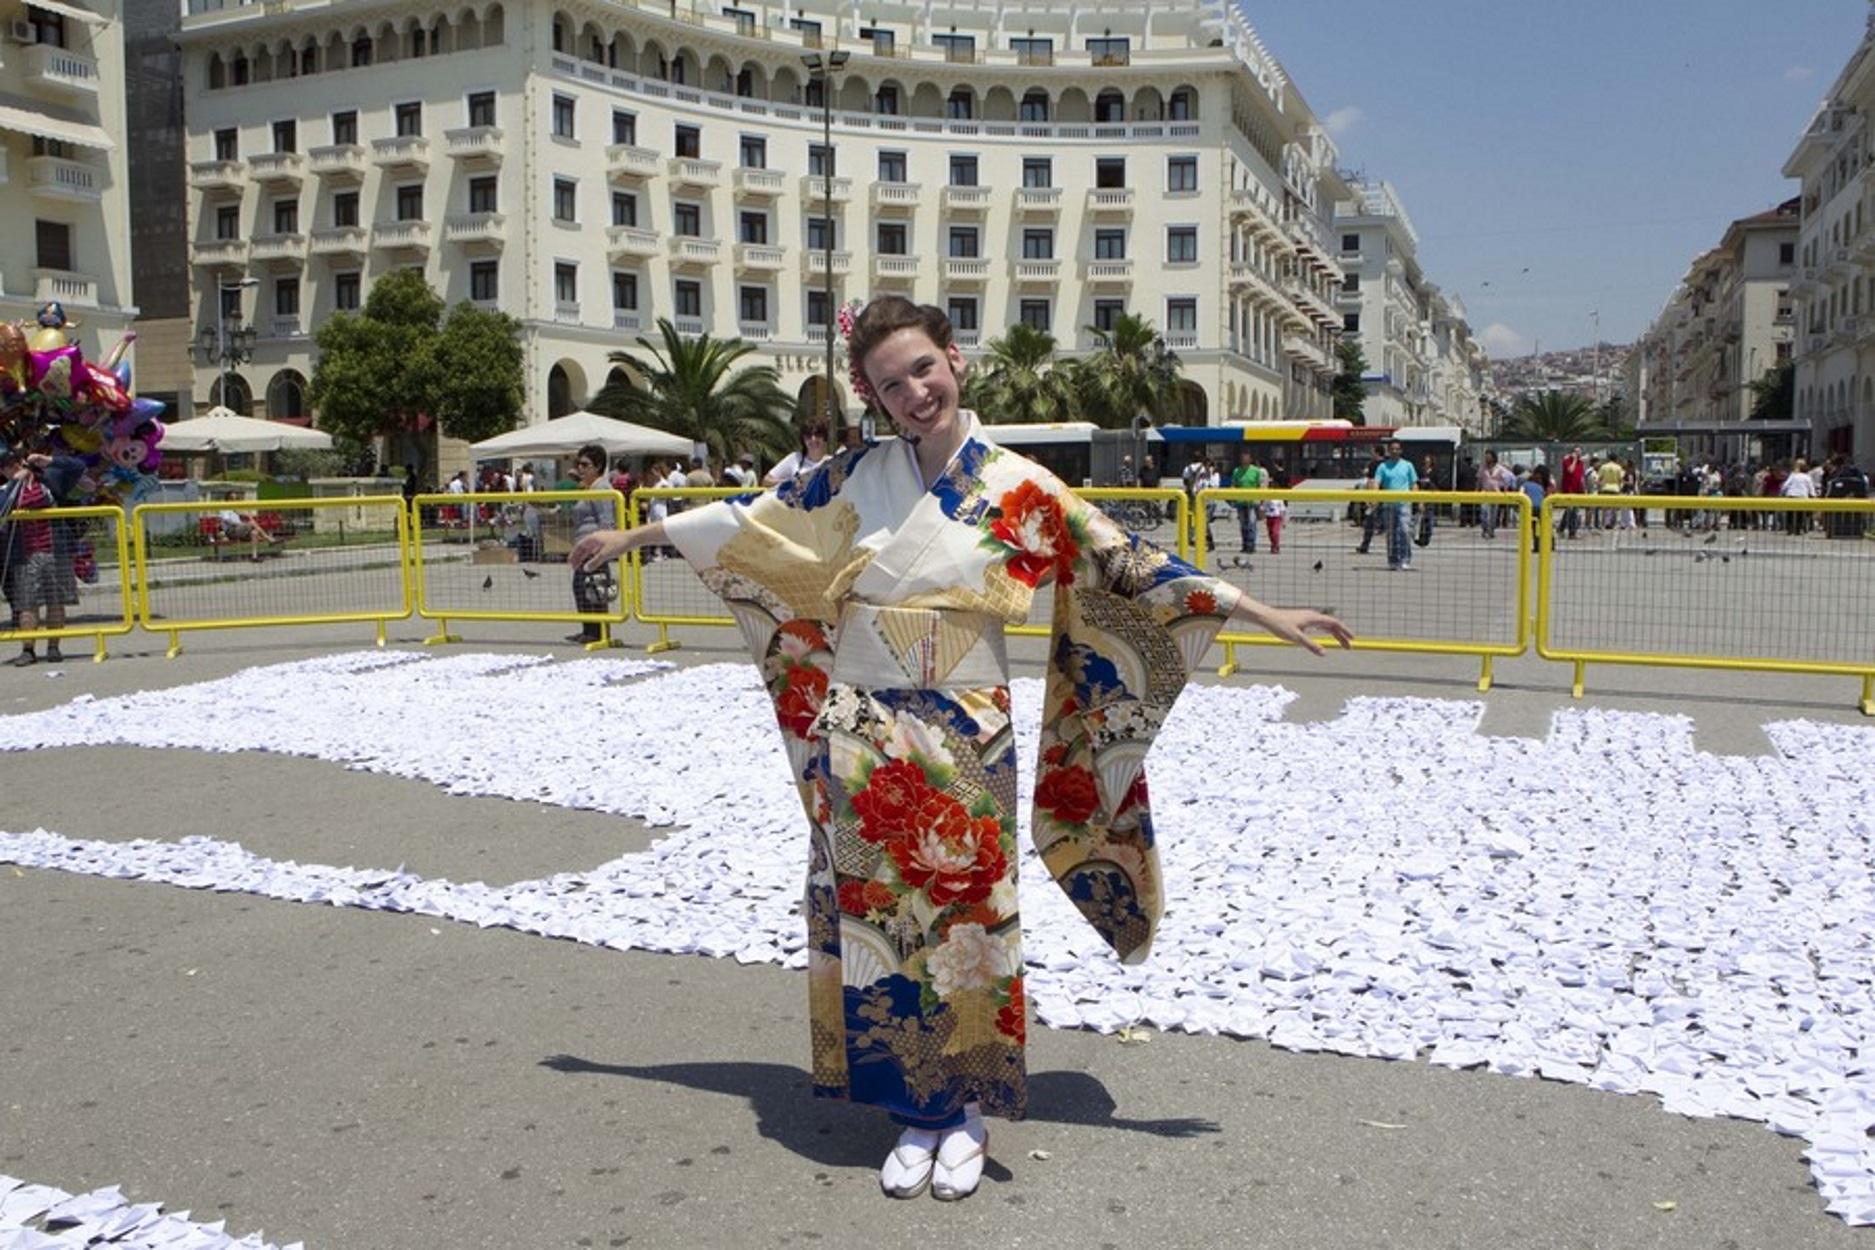 Βάλε το… χάρτινο φουστάνι! Ρούχα οριγκάμι από την Ελληνίδα καλλιτέχνη με τα δύο Γκίνες